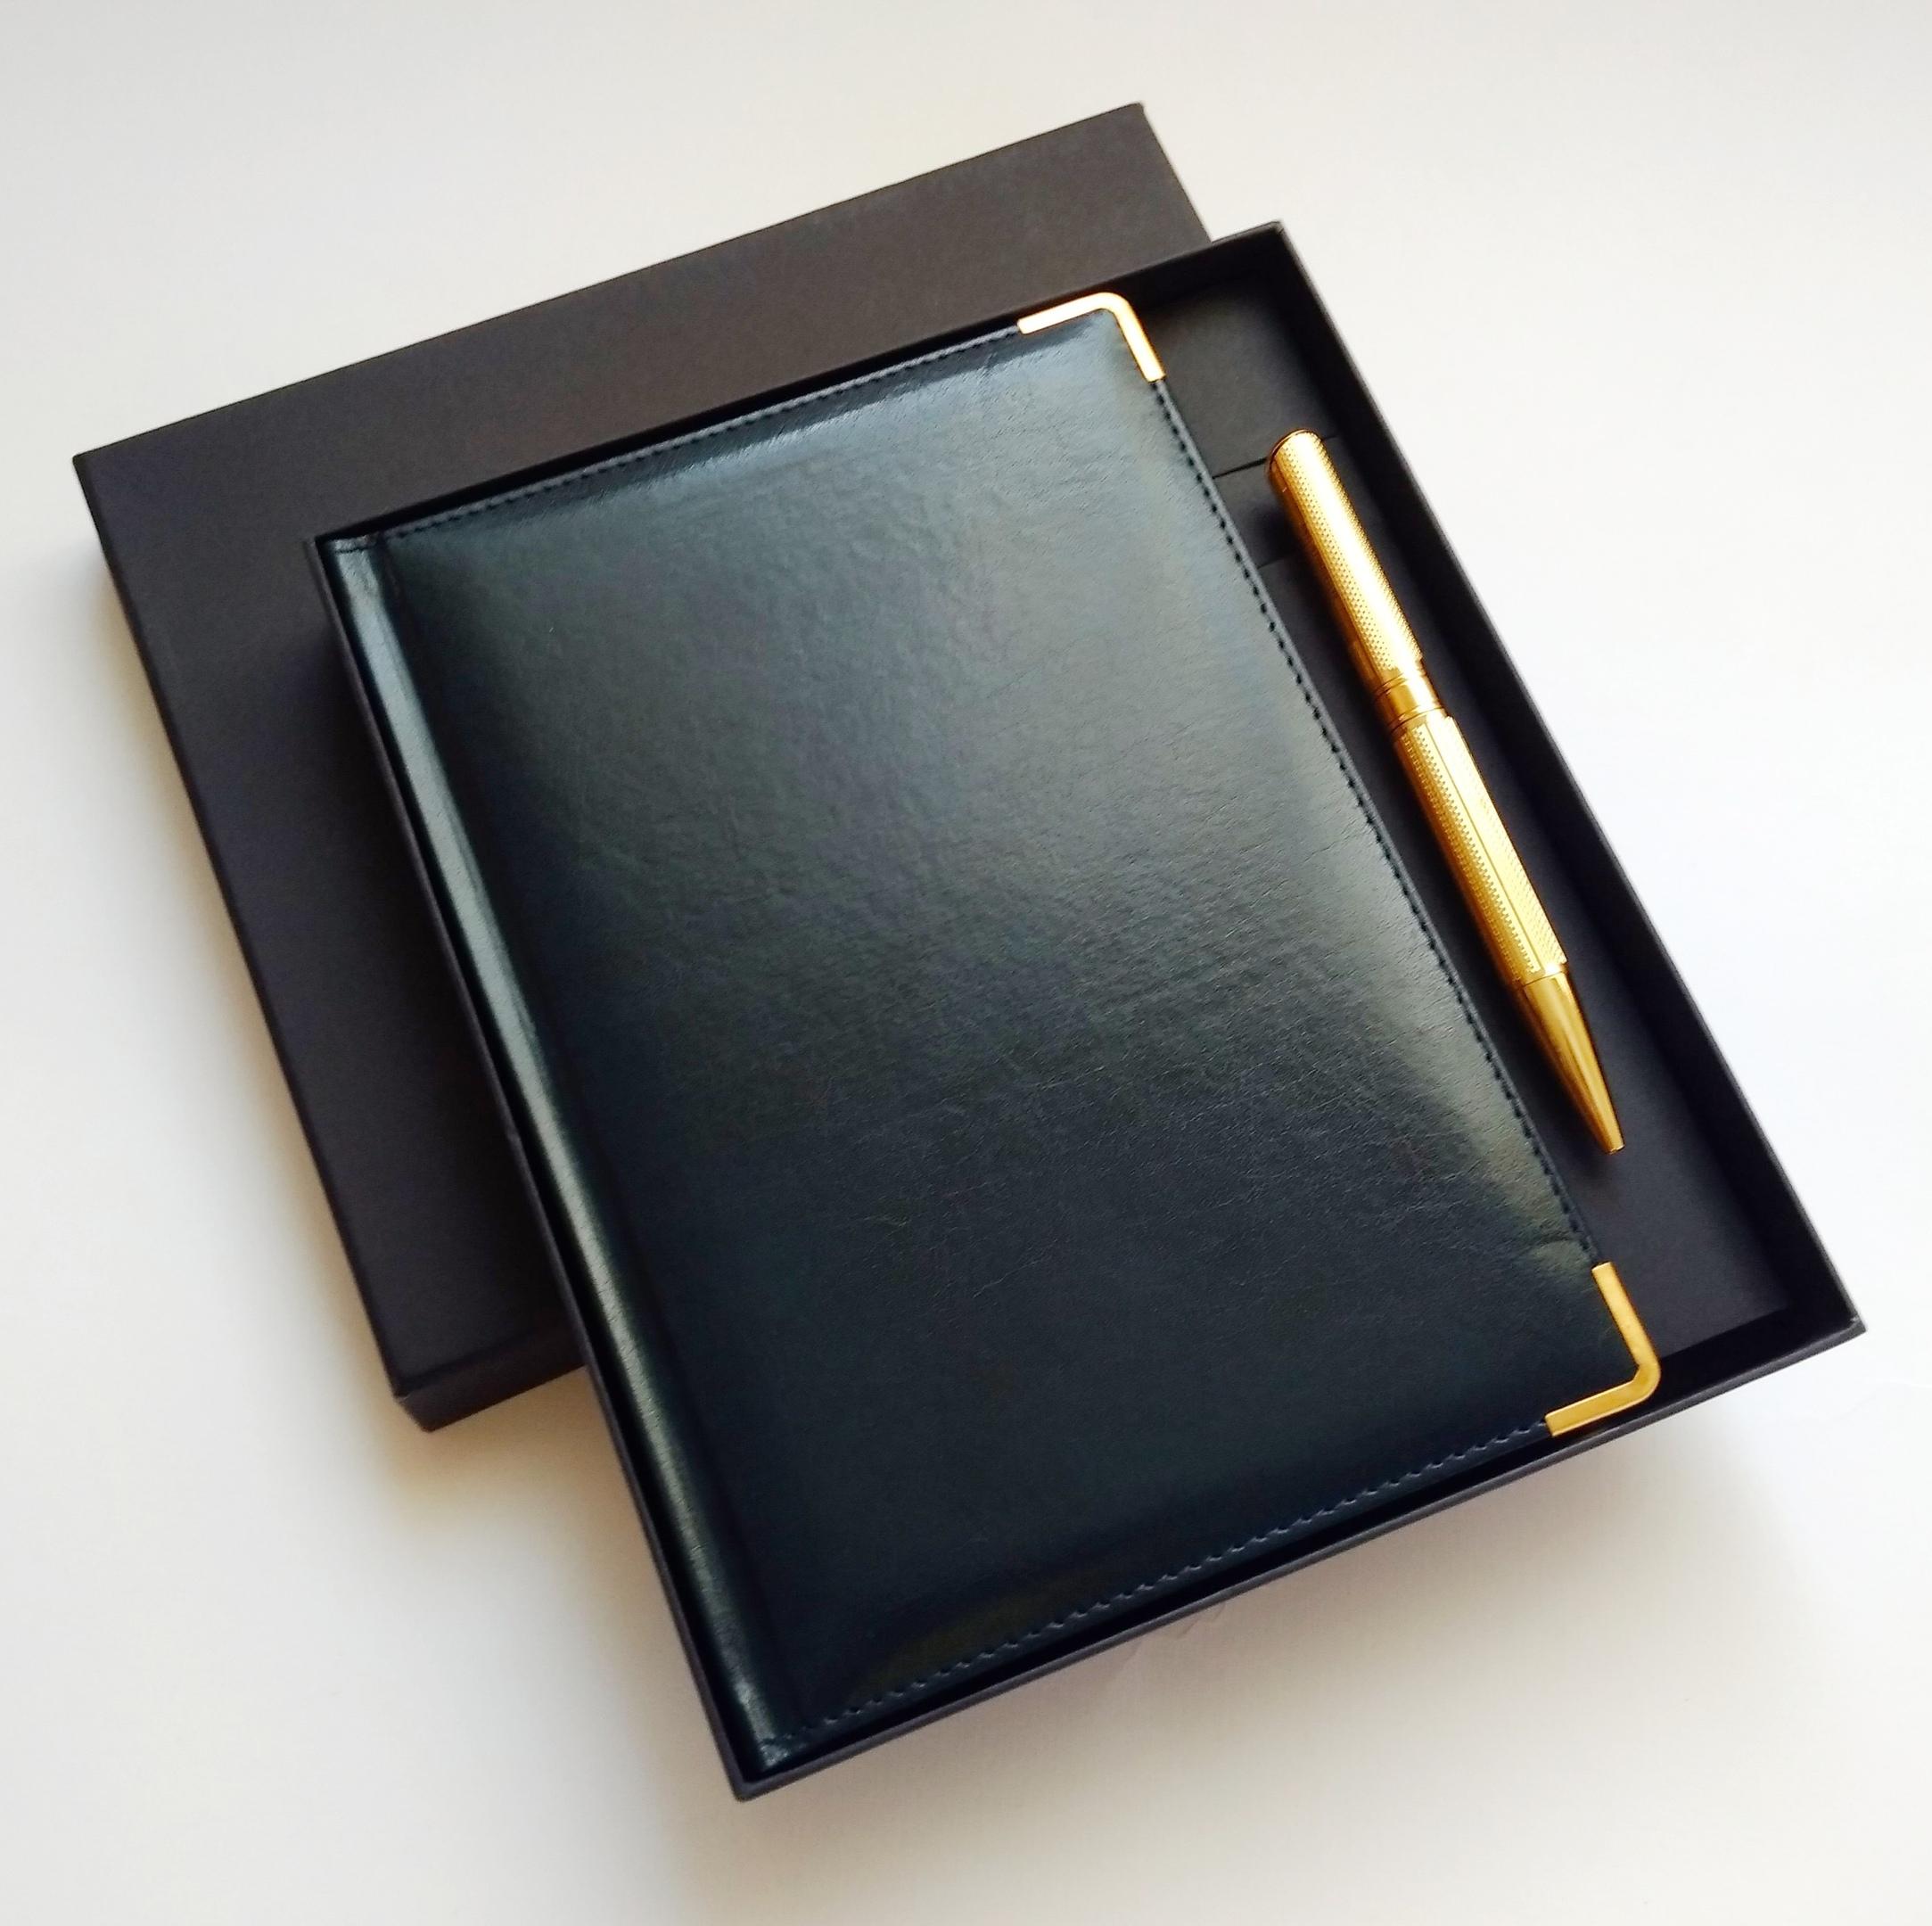 подарочные ежедневники с логотипом